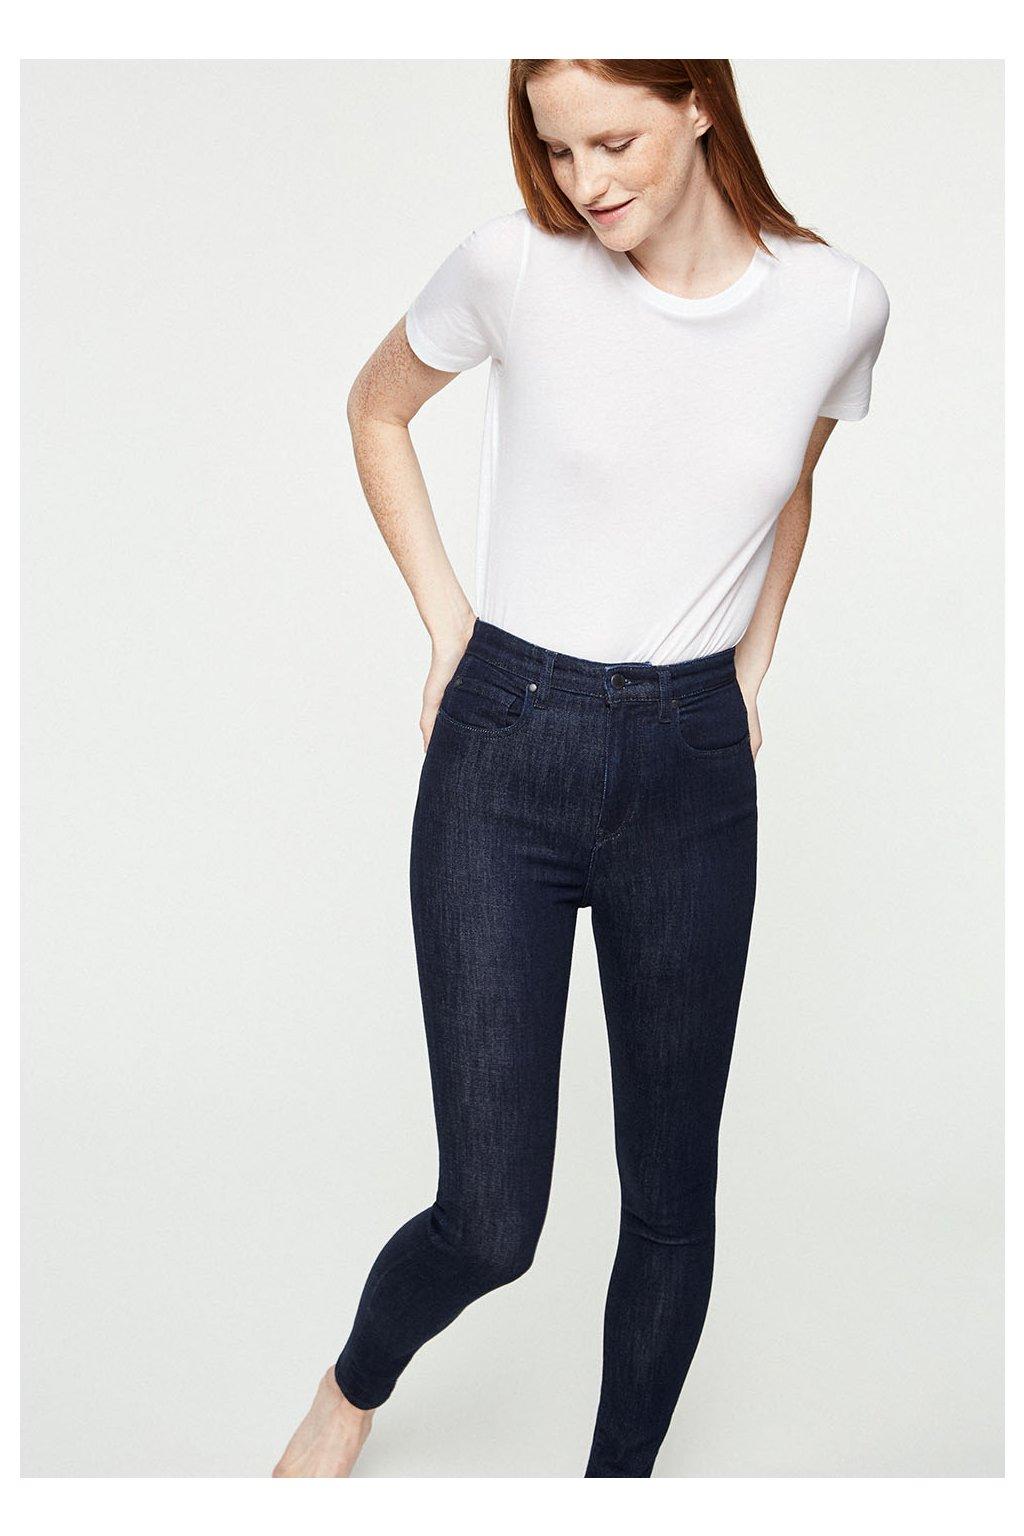 """Dámské modré džíny s vyšším pasem """"Inga Rinse"""" (Velikost 25/32)"""